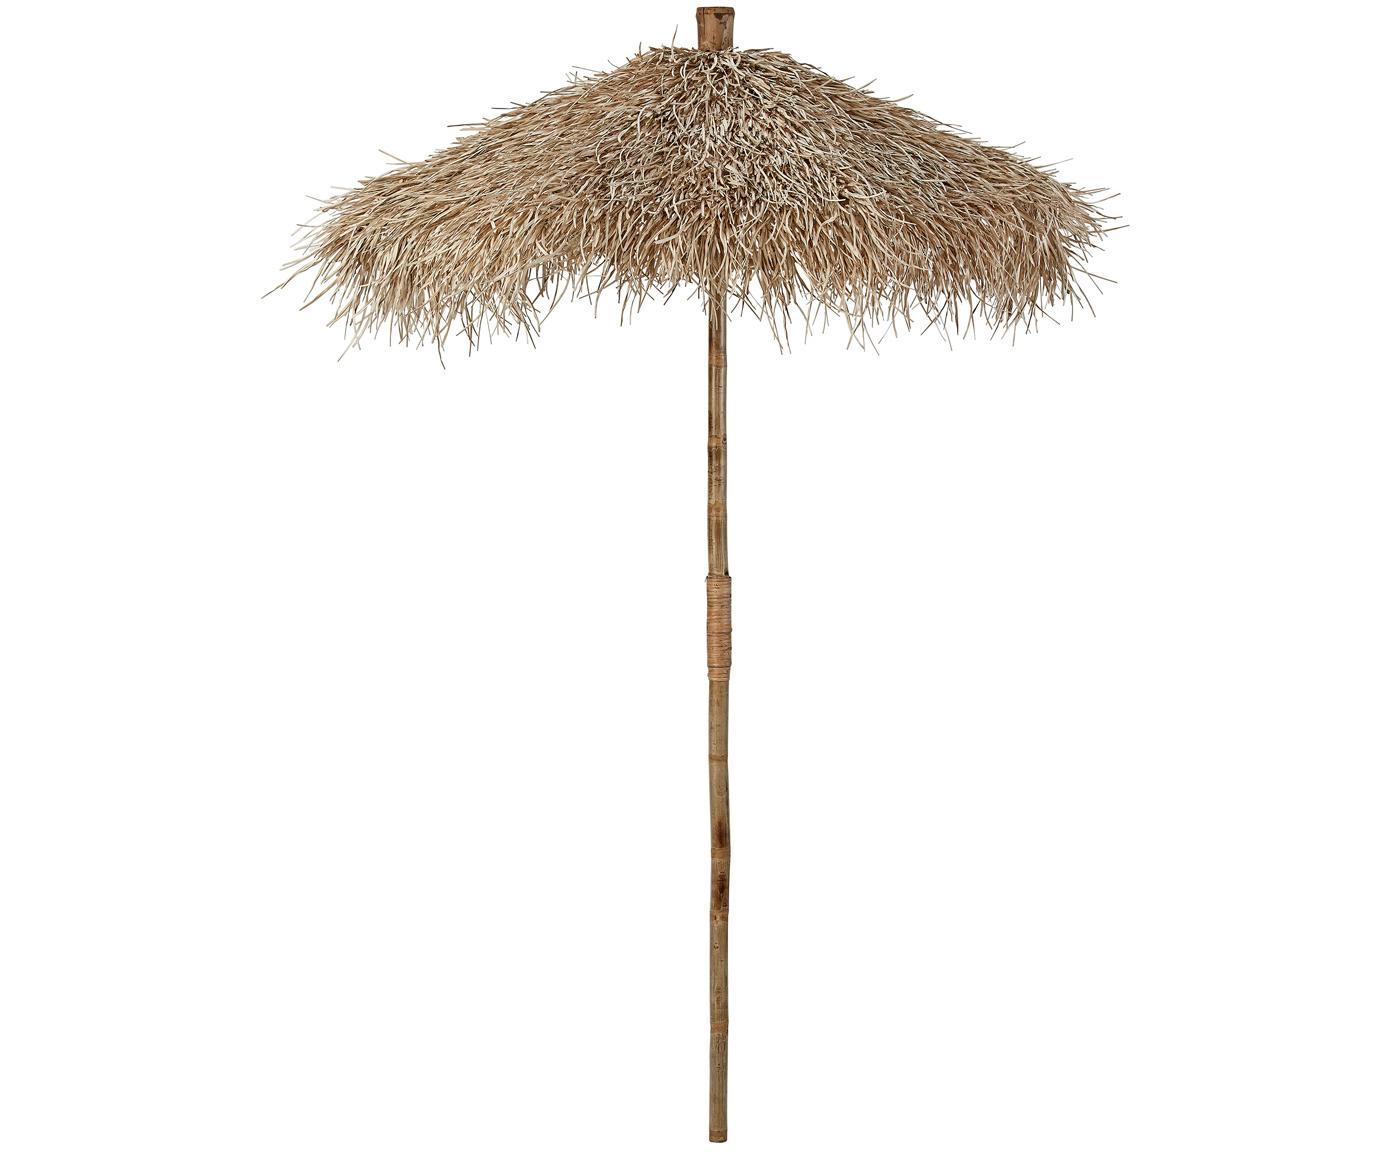 Dekoracyjny parasol z bambusa Mandisa, Drewno bambusowe, naturalne, Drewno bambusowe, Ø 150 x 240 cm